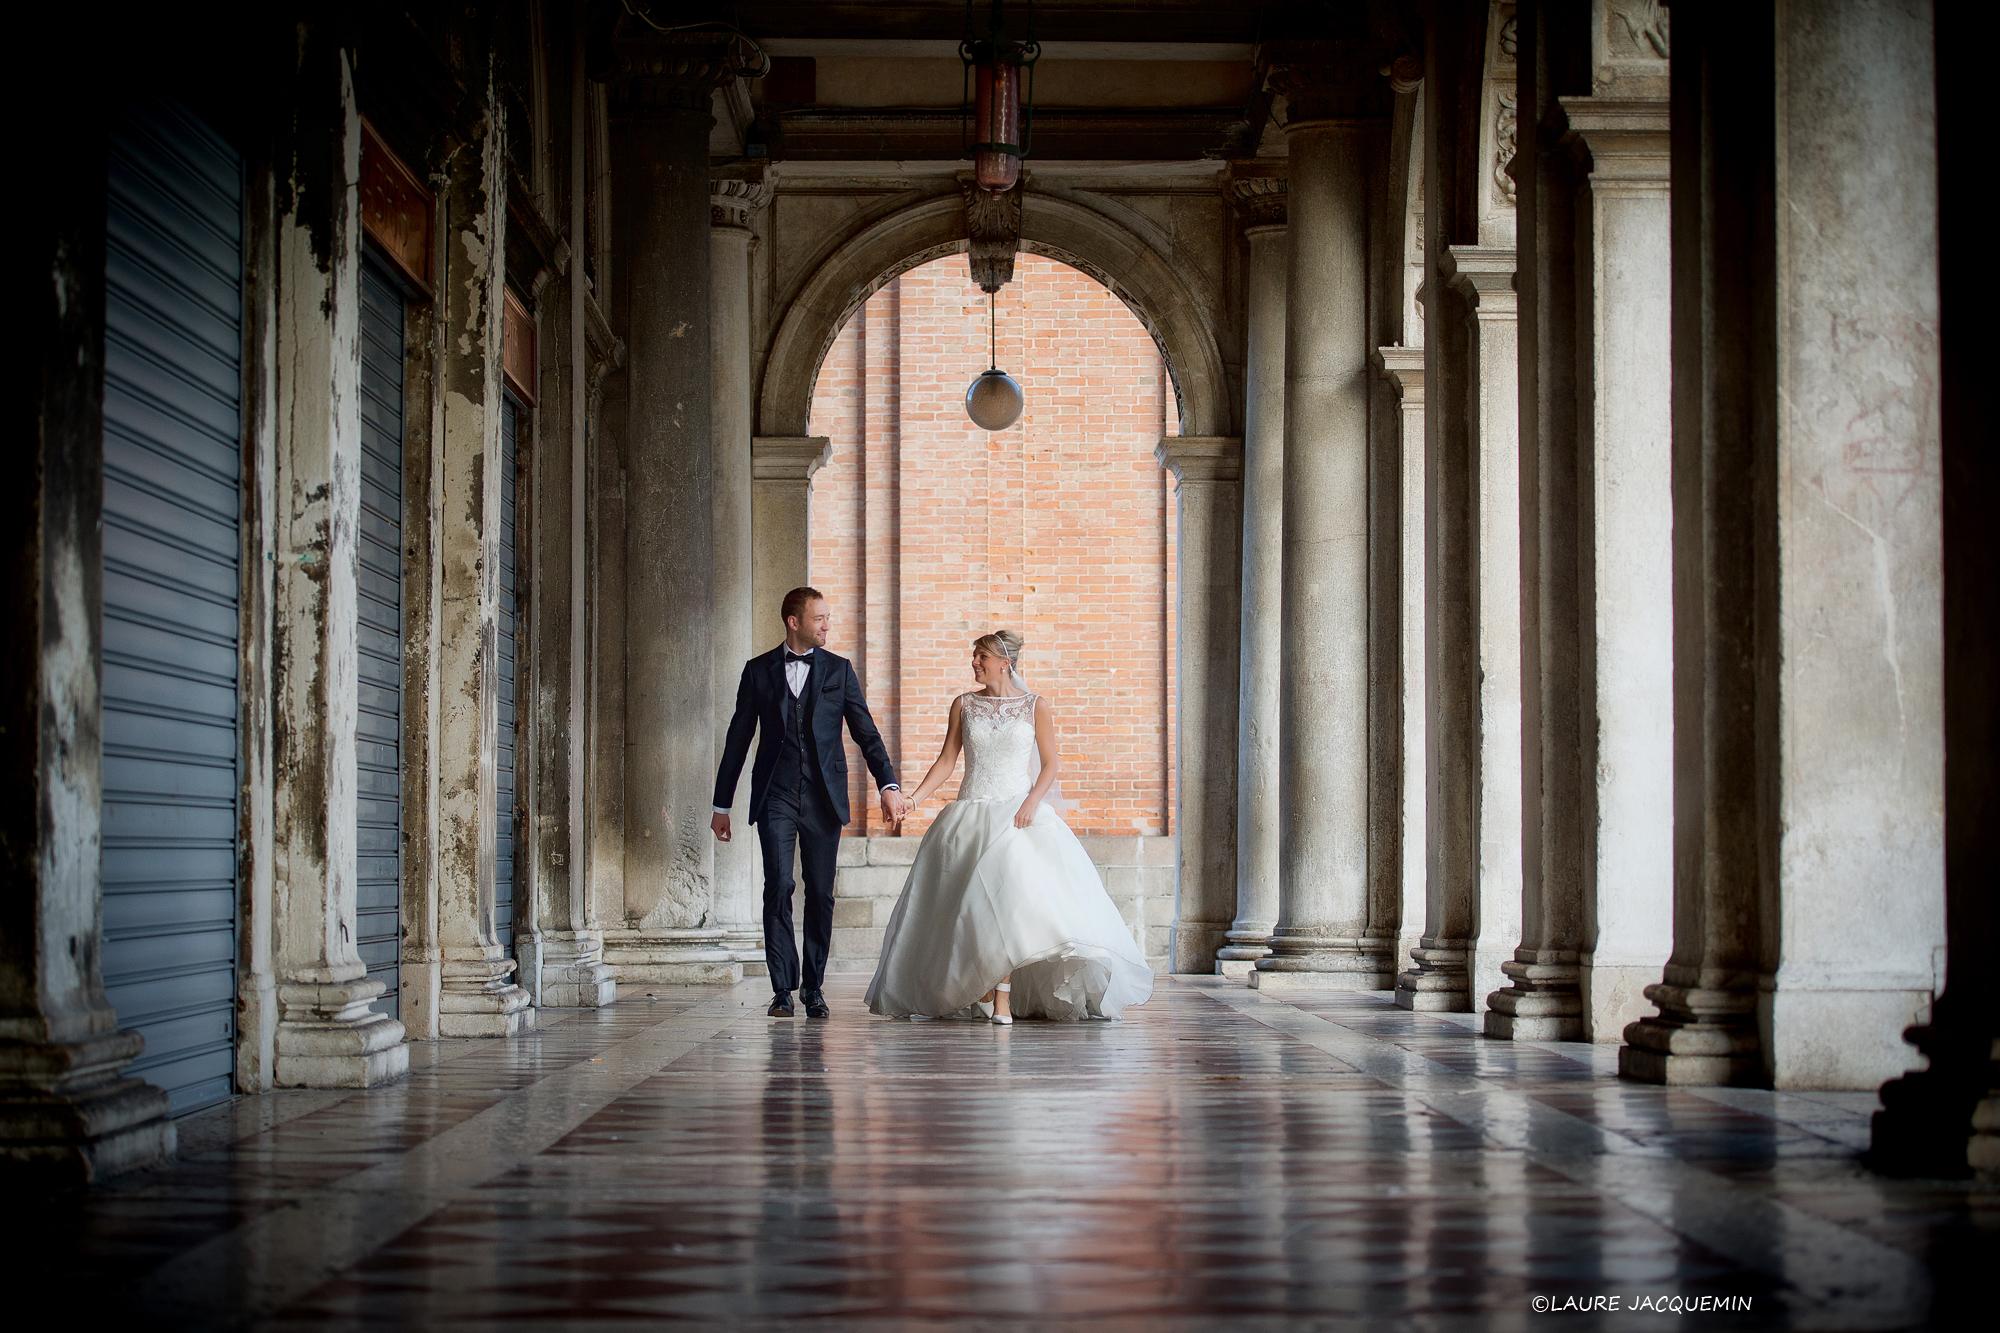 venise mariage photographe laure Jacquemin shooting lune de miel fiancaille couple (34)